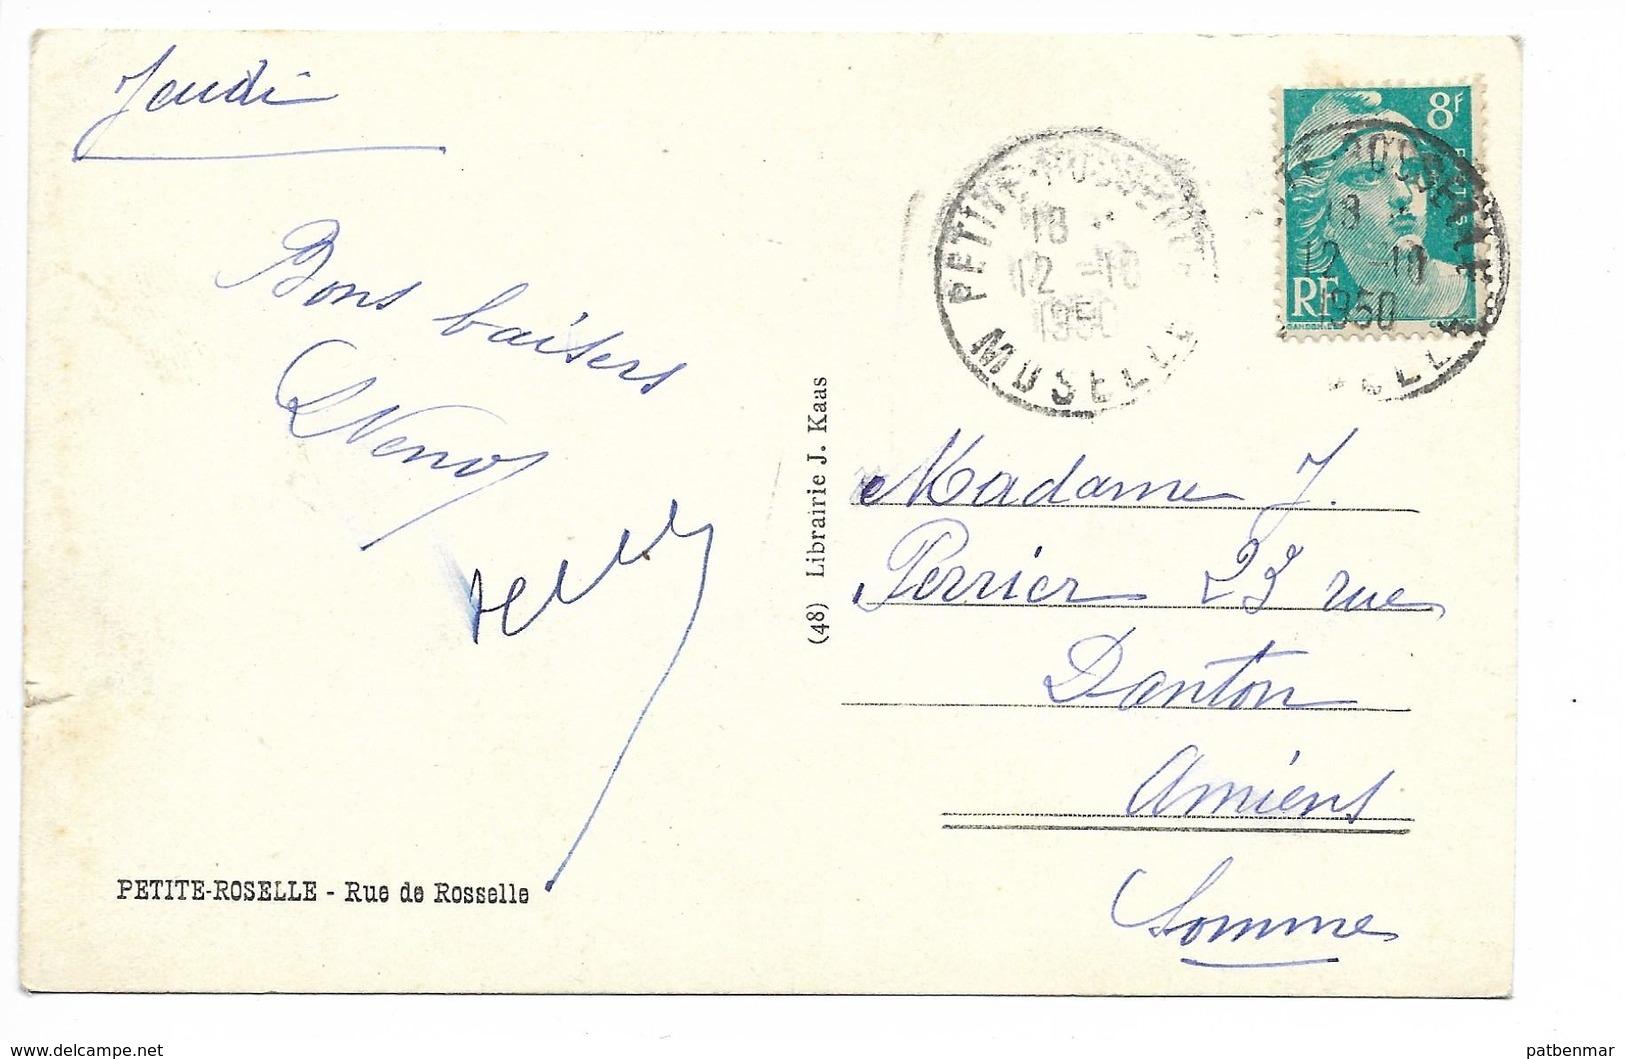 PETITE ROSELLE RUE DE ROSSELLE 1950 - Frankreich